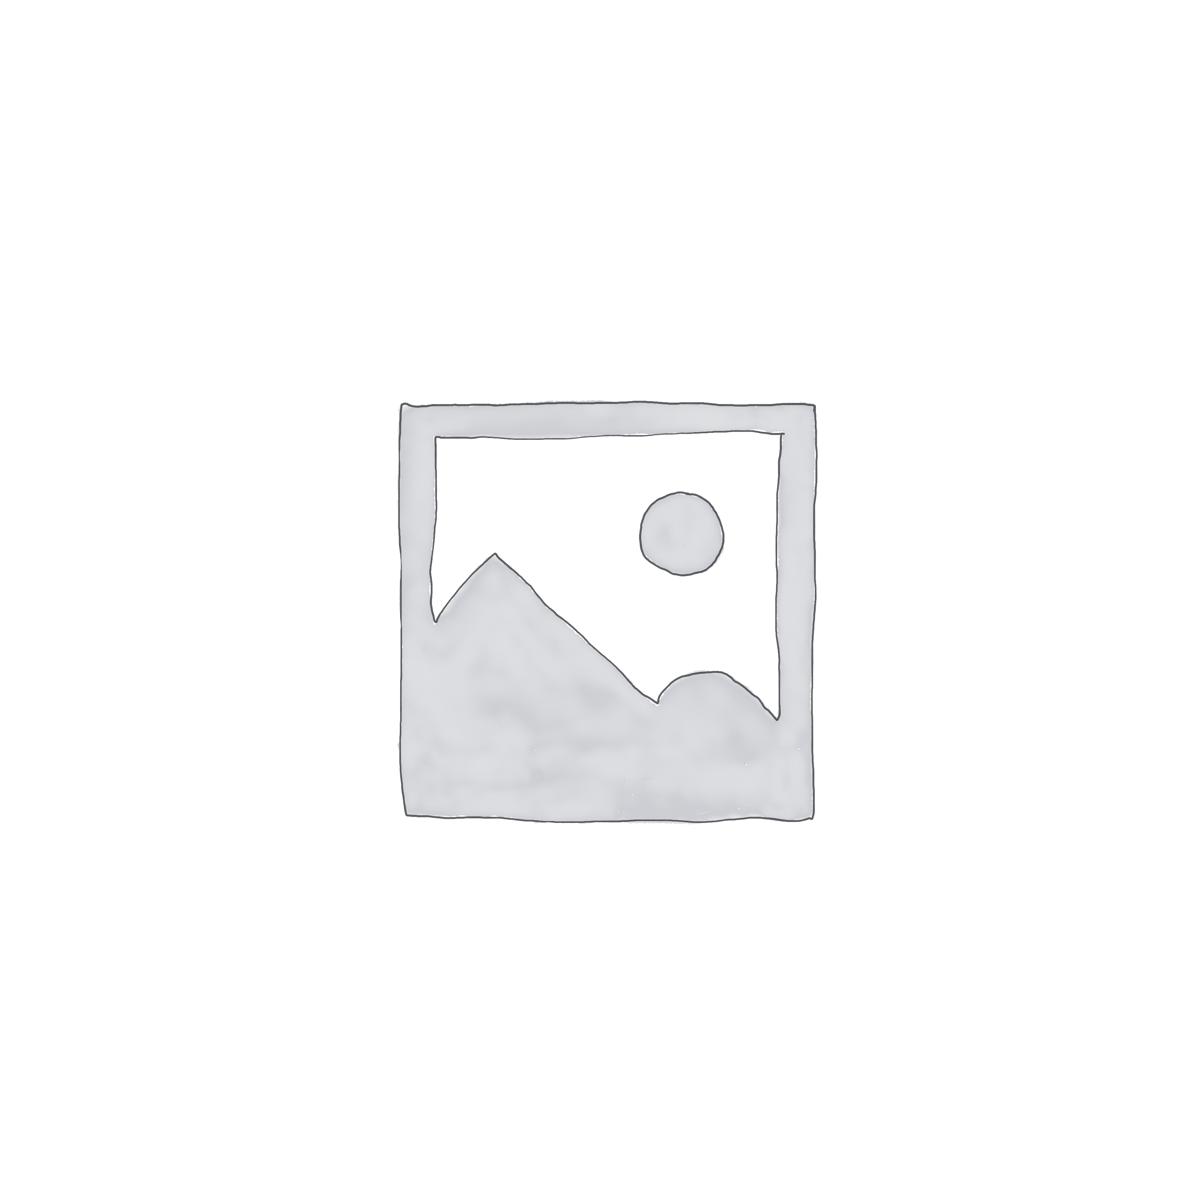 Vintage Marilyn Monroe Wallpaper Mural